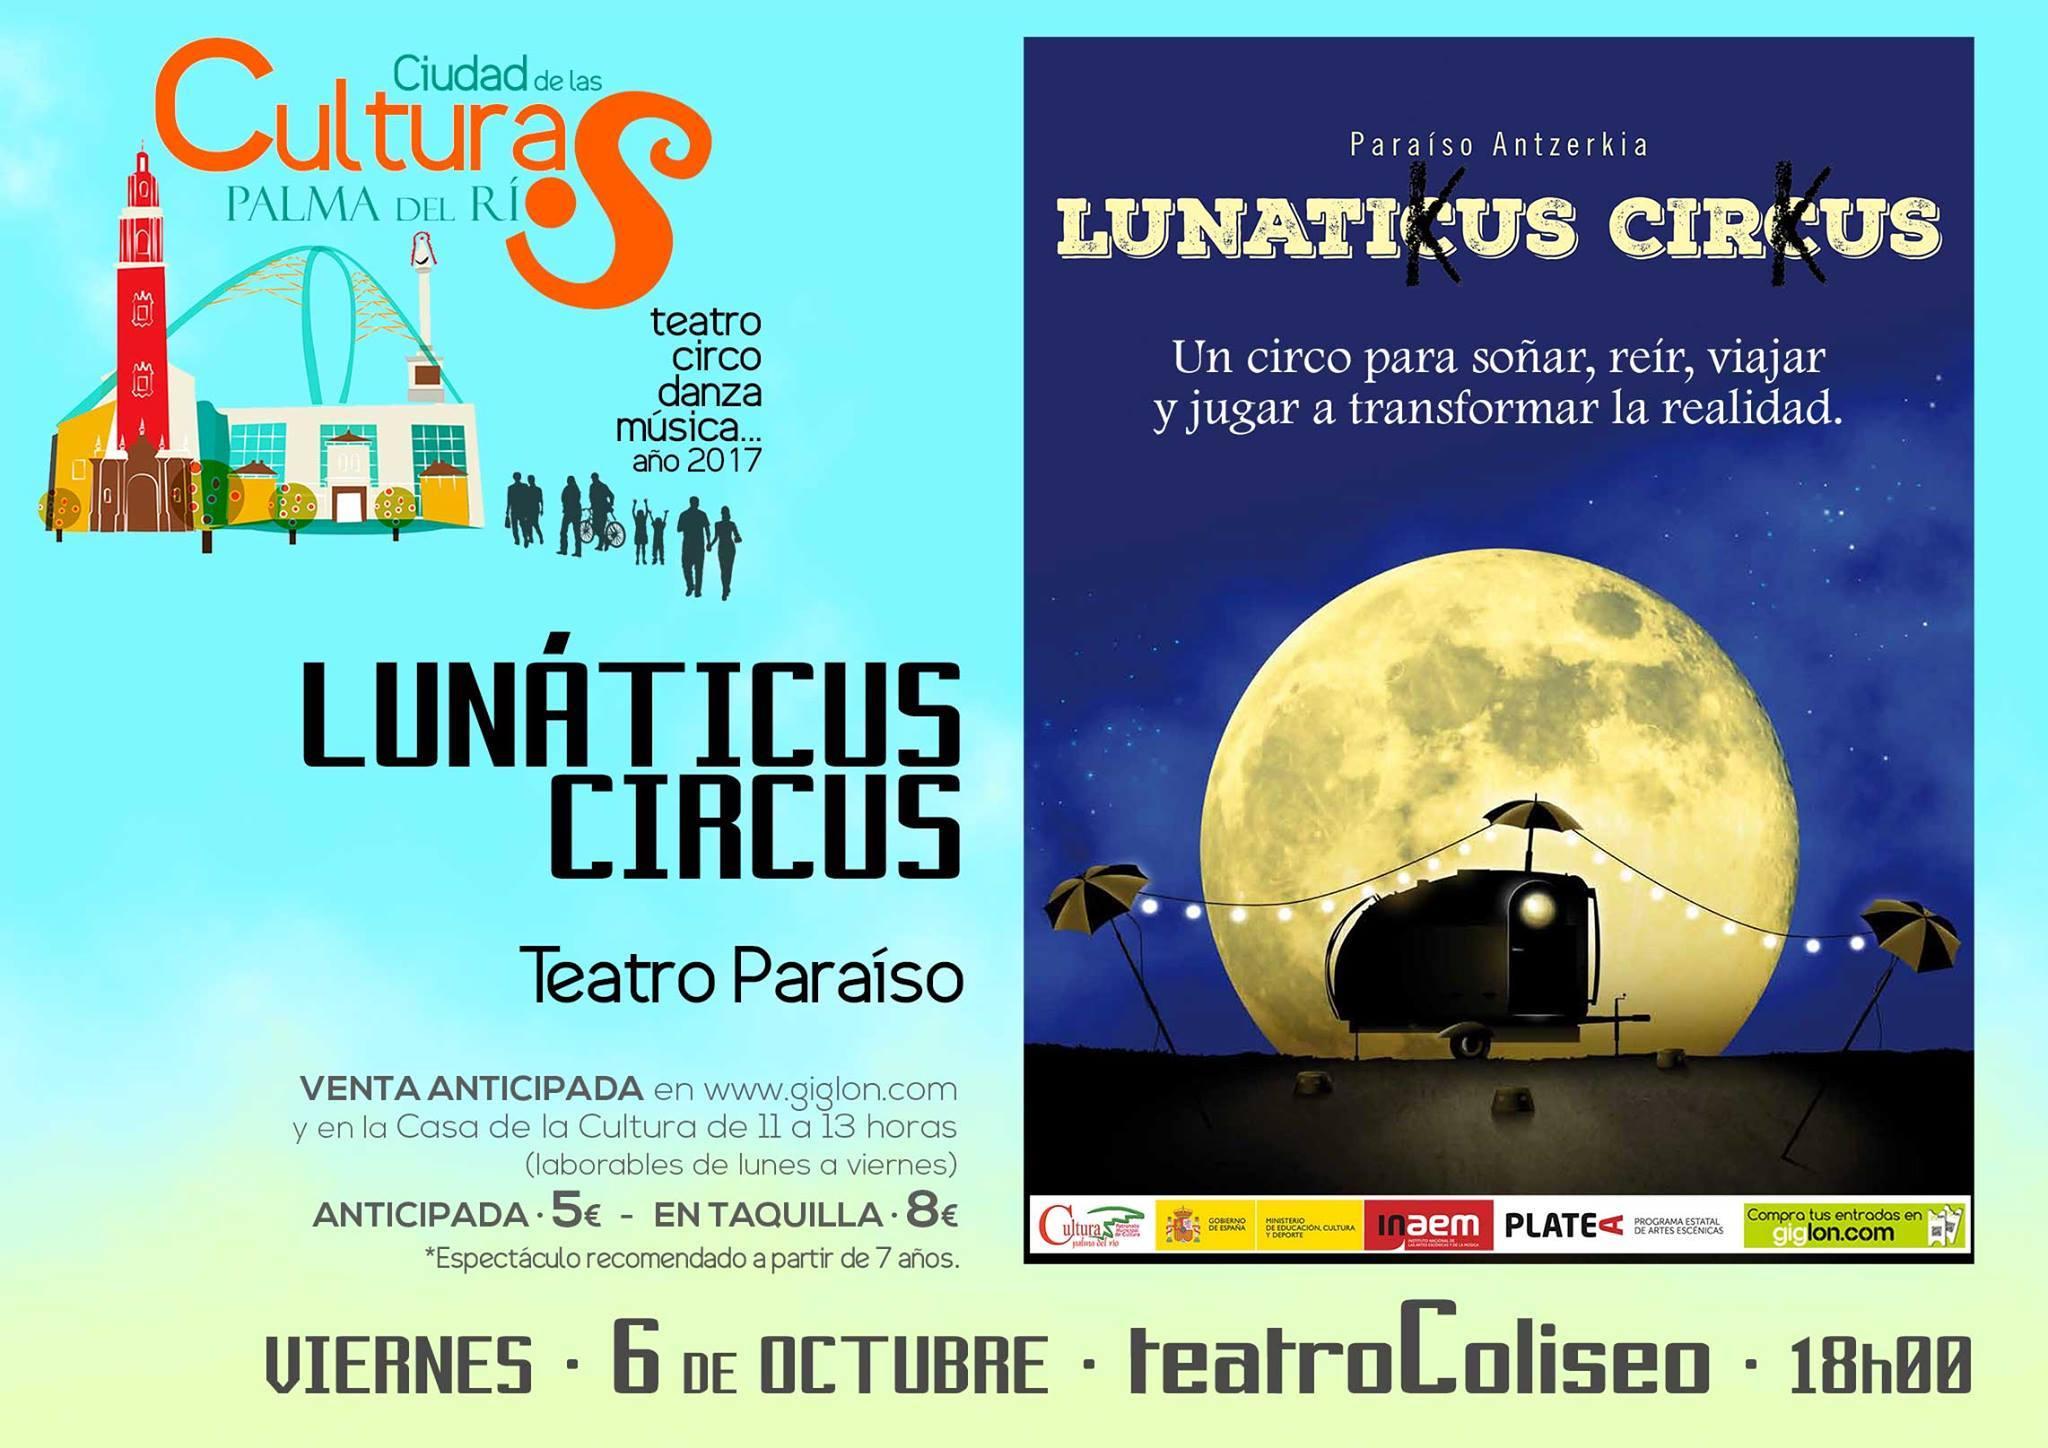 https://www.palmadelrio.es/sites/default/files/lunaticus_circus.jpg